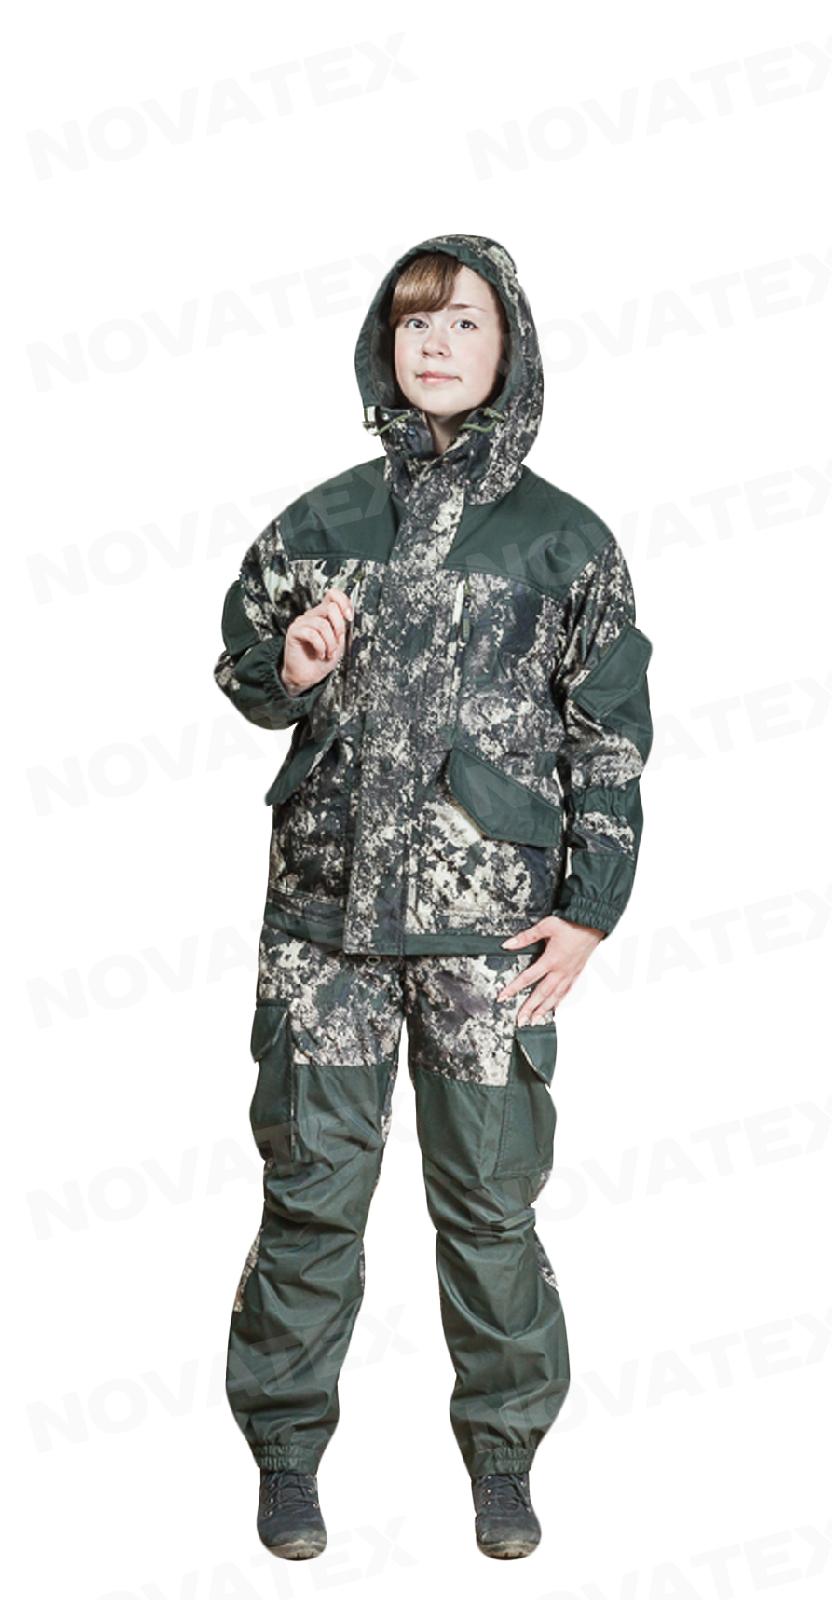 Костюм «Горка NEW» NOVA-TEX (дуплекс, 130-6-1) PAYER Костюмы неутепленные<br>Костюм «Горка New» (ТМ «Payer») от Novatex разработан <br>на основе легендарного костюма «Горка». <br>Костюм состоит из куртки и брюк на подтяжках. <br>Отличается специальным анатомическим кроем, <br>характерным для данной линии одежды. Он <br>не стесняет движений, дает свободу перемещения <br>в условиях пересеченной местности. Костюм <br>изготовлен из современной ткани, обладающей <br>отличными ветрозащитными свойствами, подкладка-сетка <br>обеспечивает комфорт и пароотведение. Места <br>повышенного износа имеют дополнительное <br>усиление мембранной тканью «кошачий глаз», <br>которая не пропускает влагу снаружи, отводит <br>ее изнутри и обладает повышенной износостойкостью. <br>Рекомендован для военных, охотников, рыбаков, <br>туристов, любителей военно-спортивных игр, <br>представителей силовых структур.<br><br>Пол: унисекс<br>Размер: 40-42<br>Рост: 158-164<br>Сезон: лето<br>Цвет: зеленый